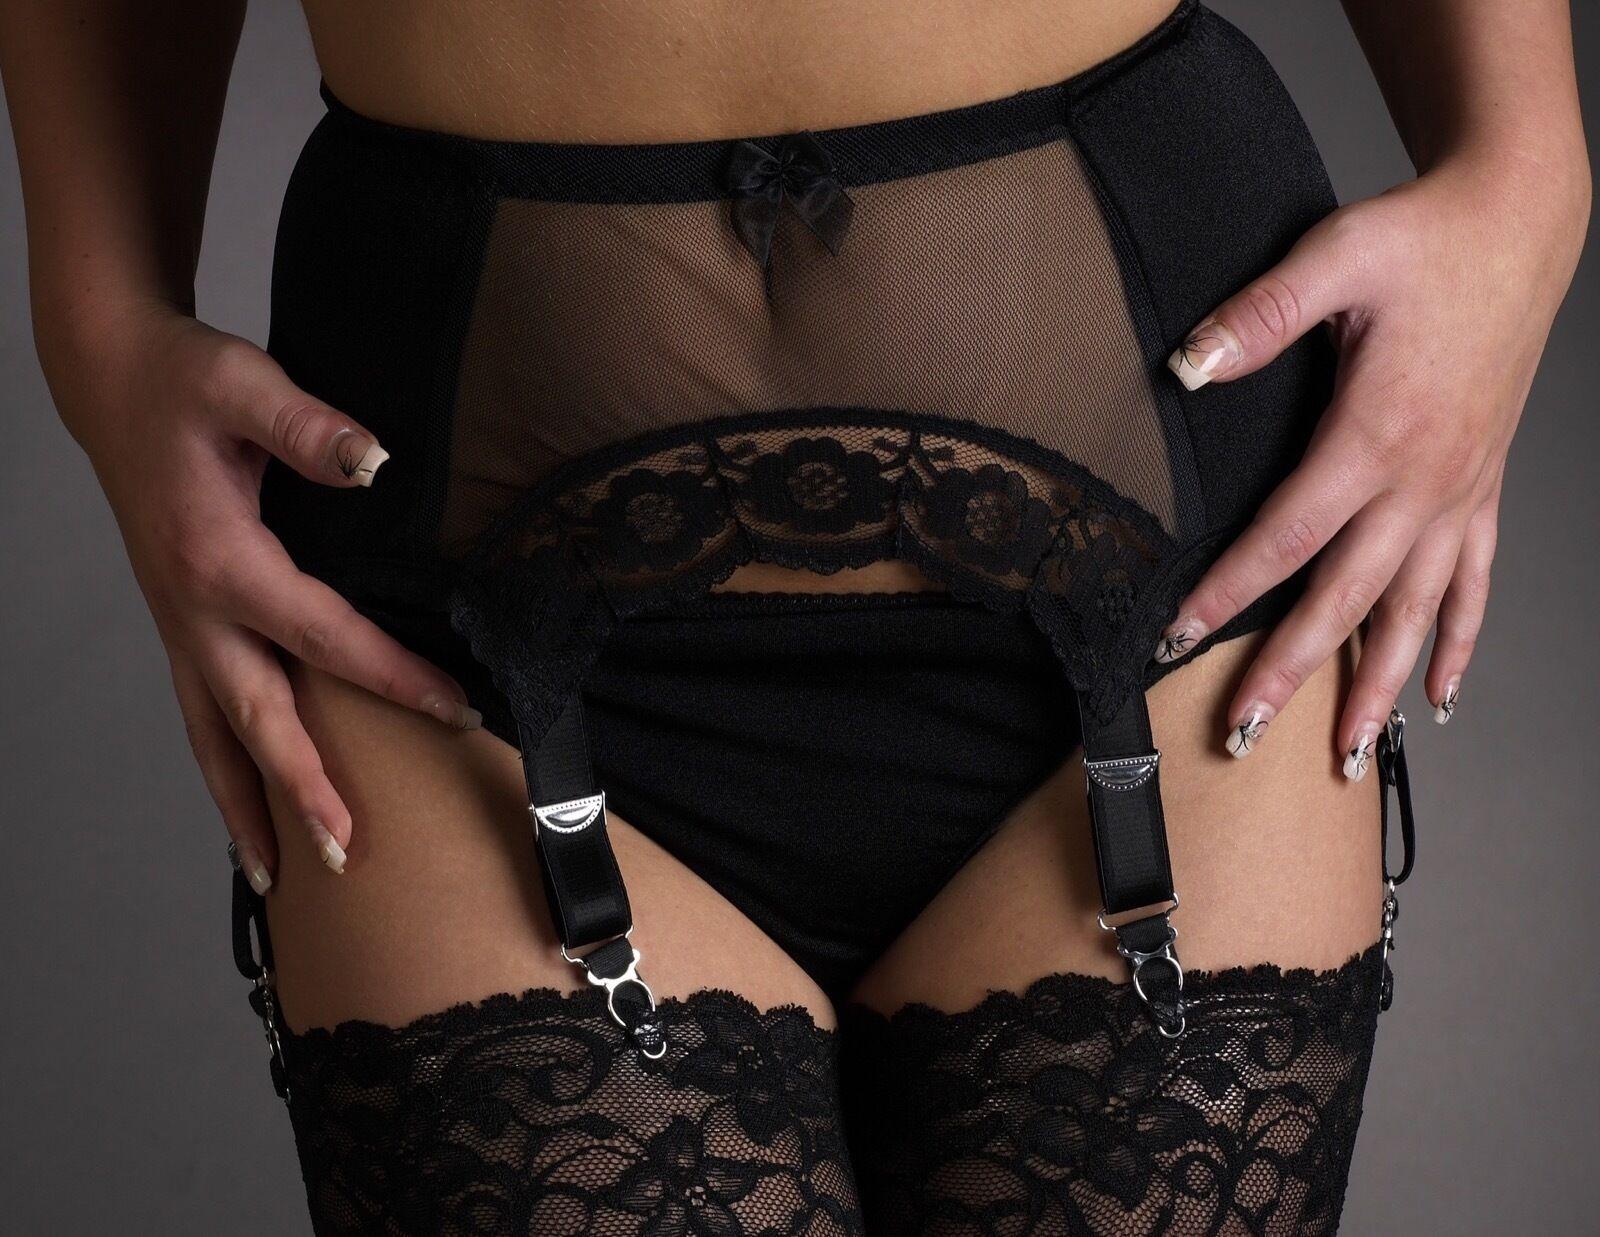 женщины примеряют белье пояса для чулок видео ним